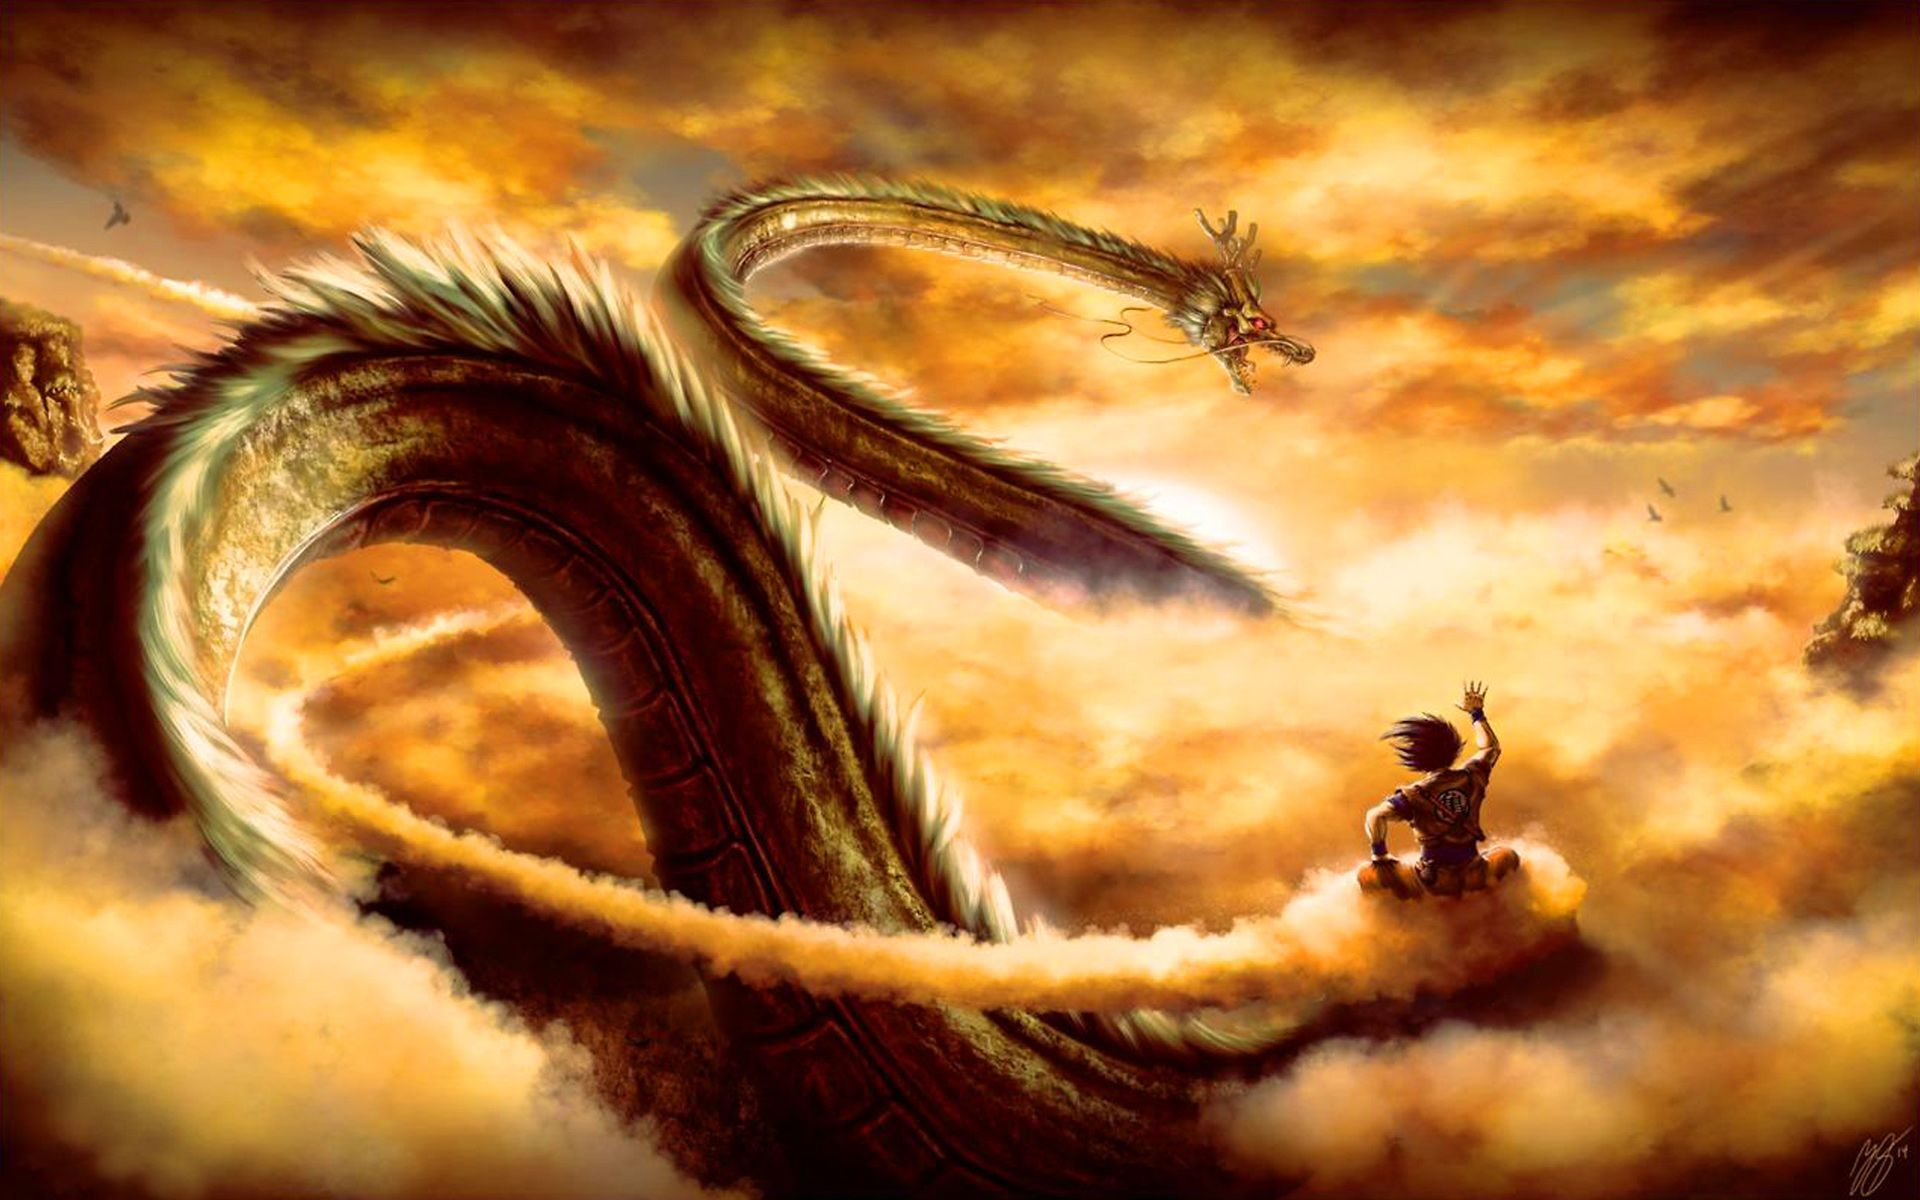 Free Dragon Ball Z Dragon Shenron puter desktop wallpapers